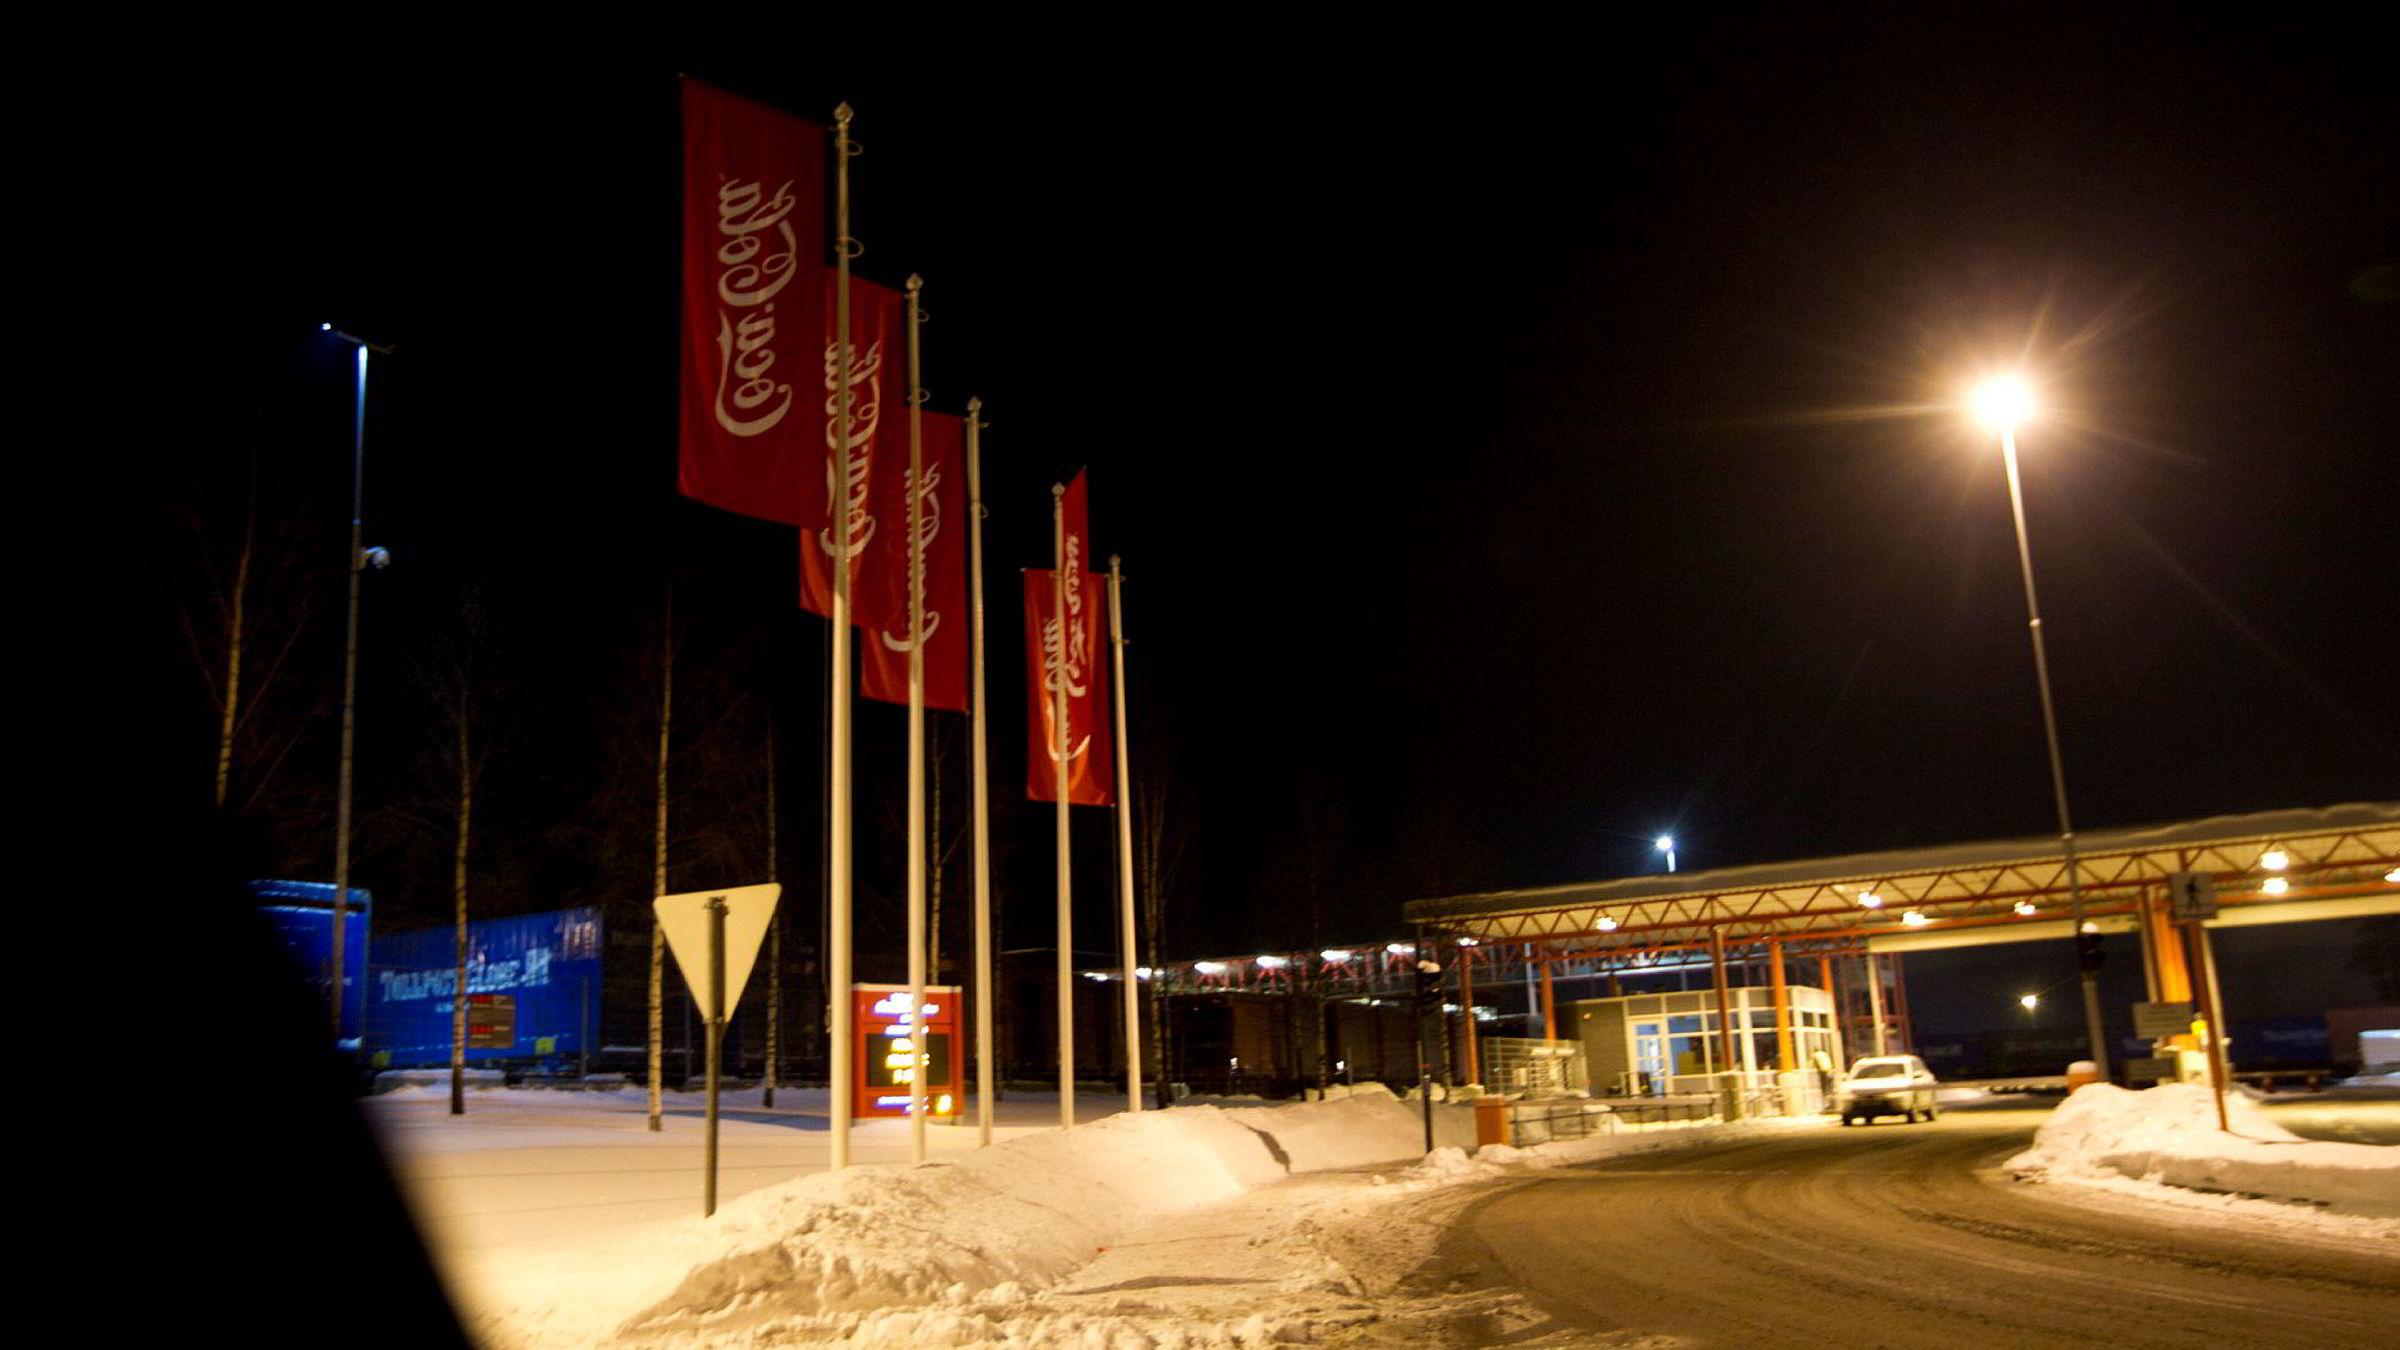 Elleve ansatte hos Coca-Cola blir permittert etter at mange av drikkevaregigantens produkter er fjernet fra Remas butikkhyller.